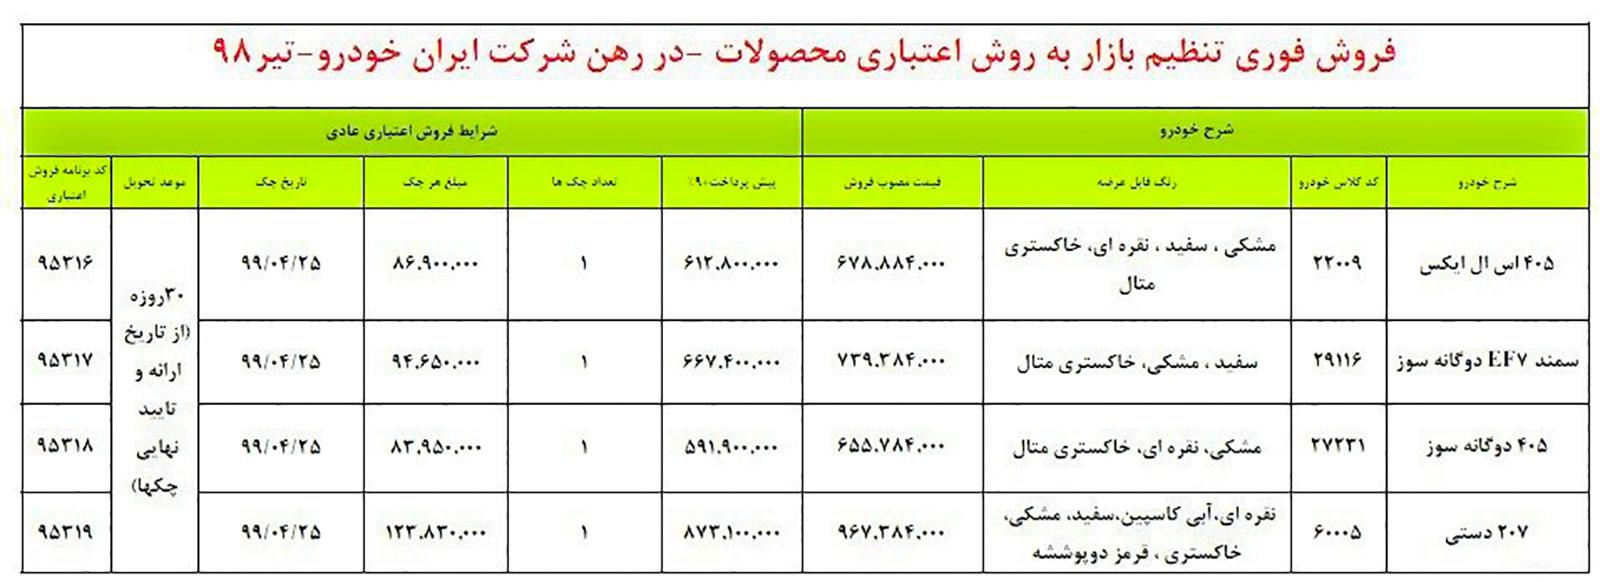 شرایط فروش قسطی ایران خودرو چهارشنبه ۱۹ تیر ۹۸